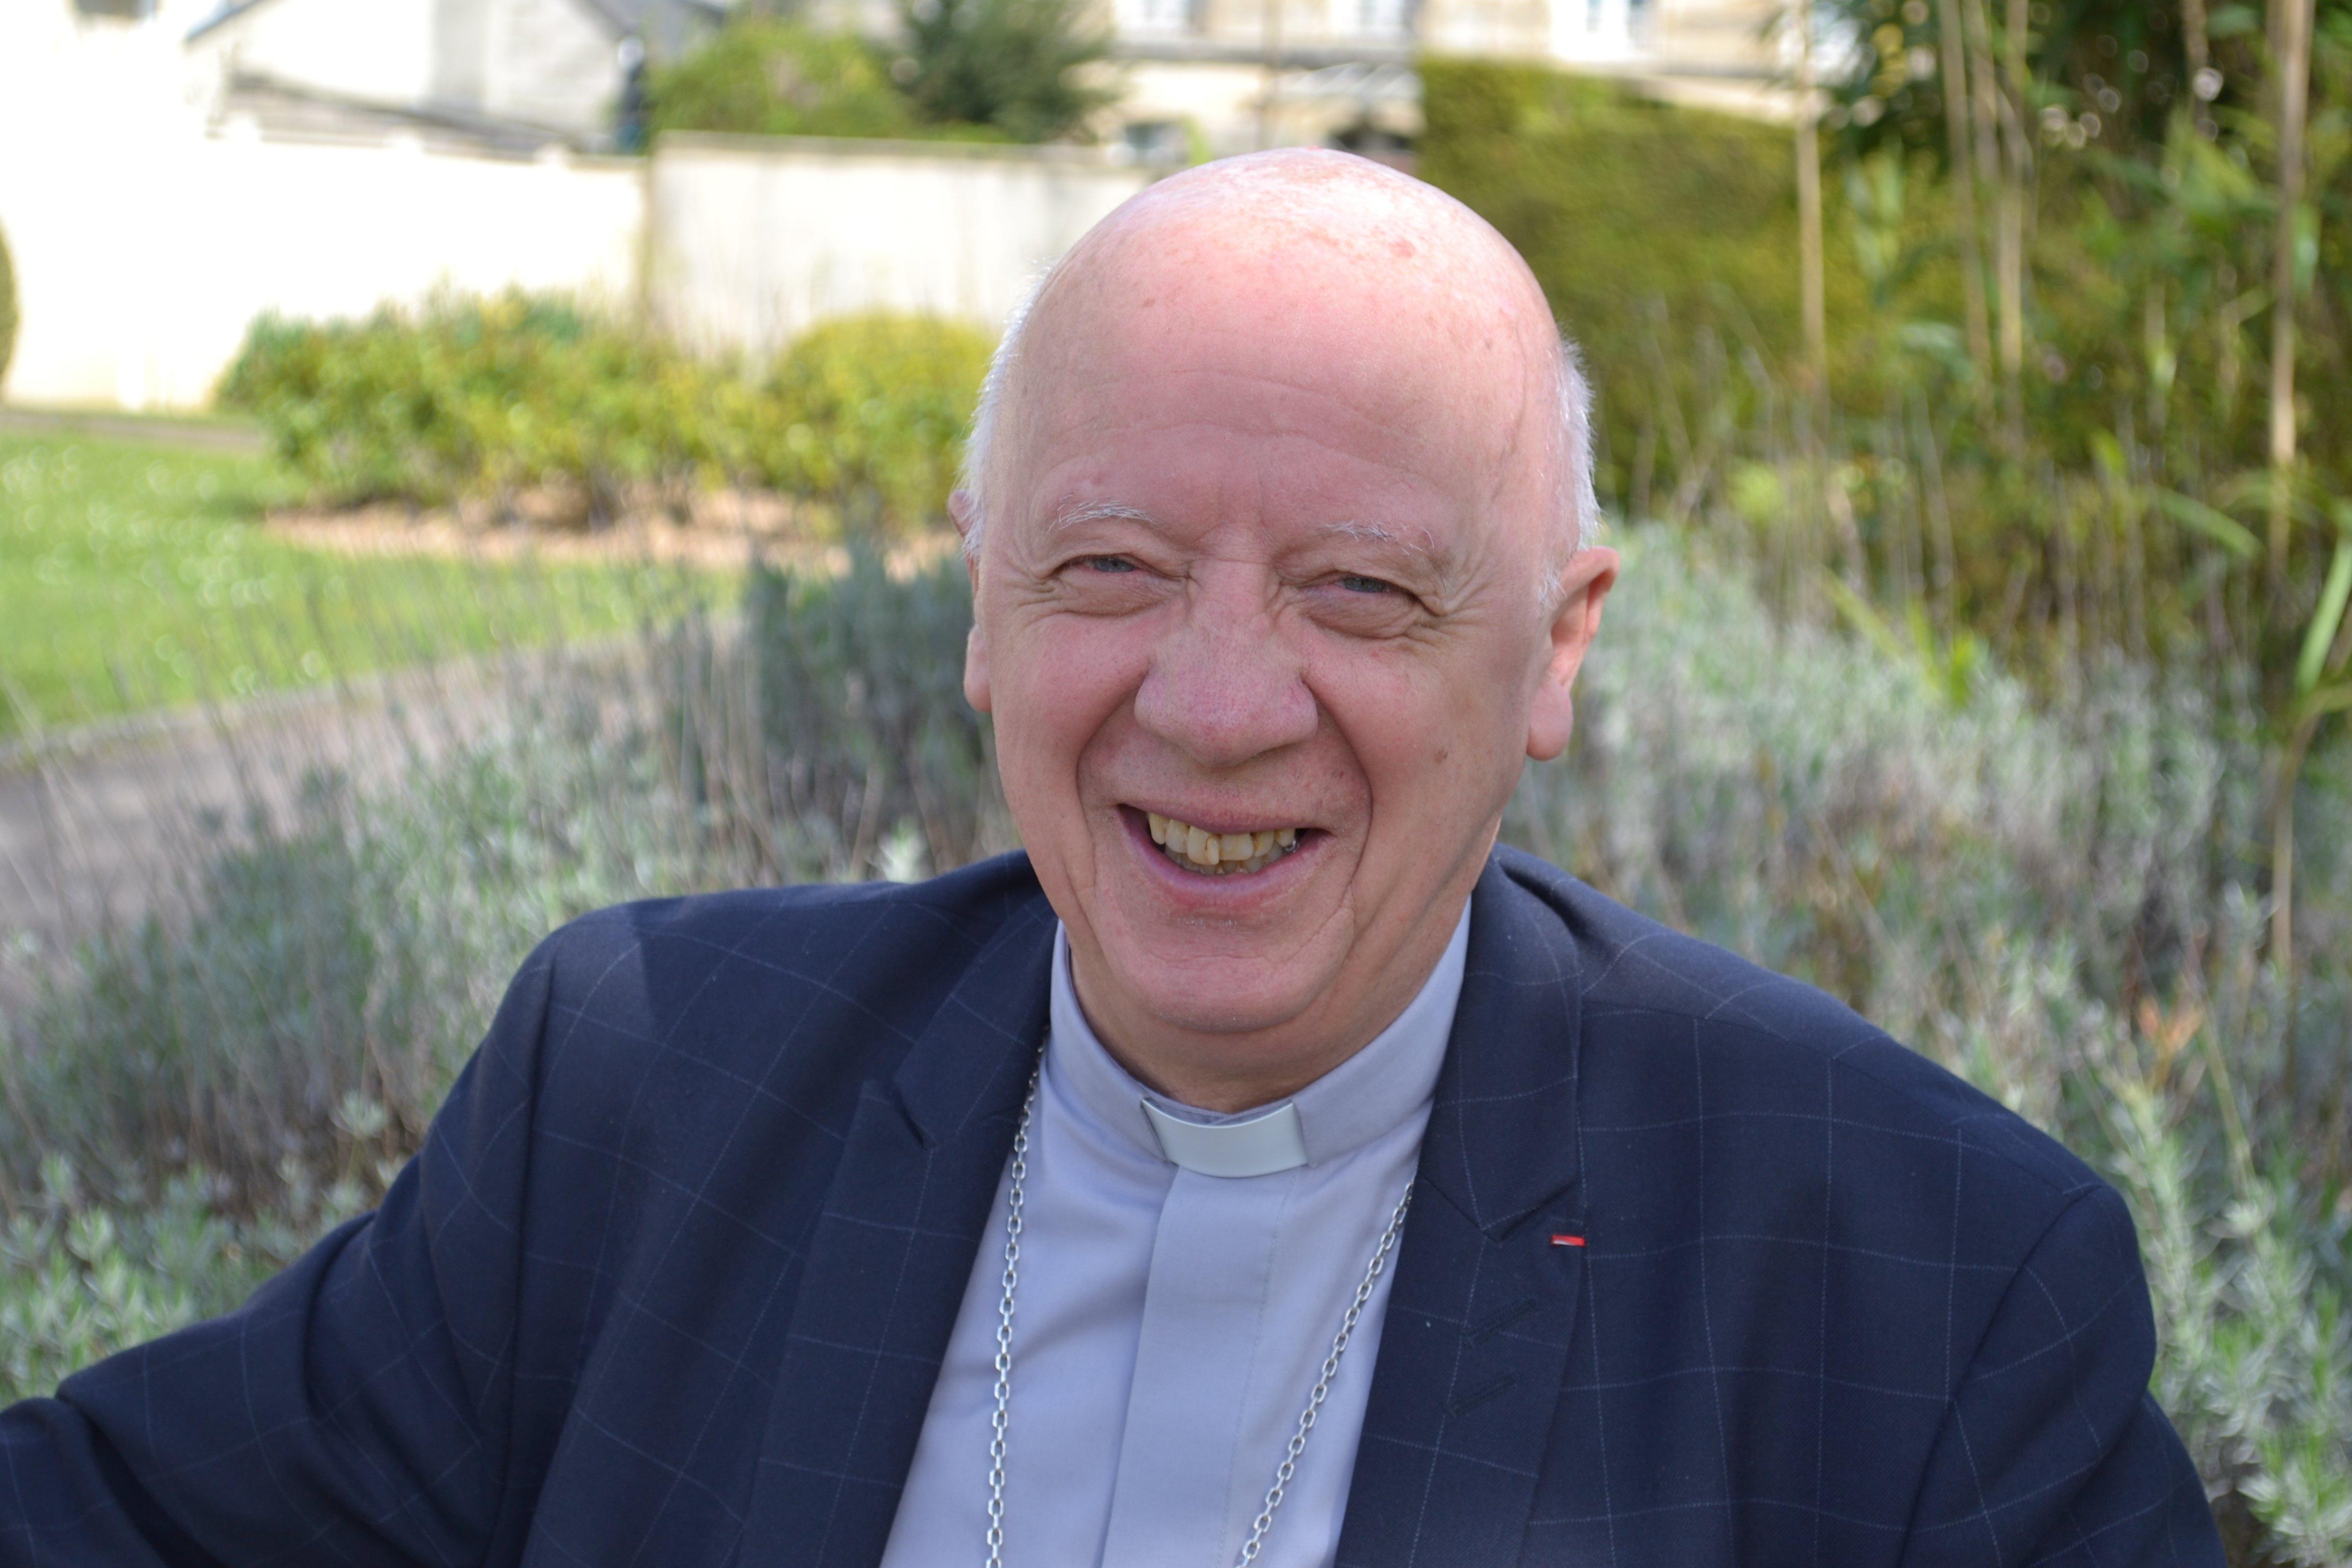 Monseigneur Jean-Claude Boulanger